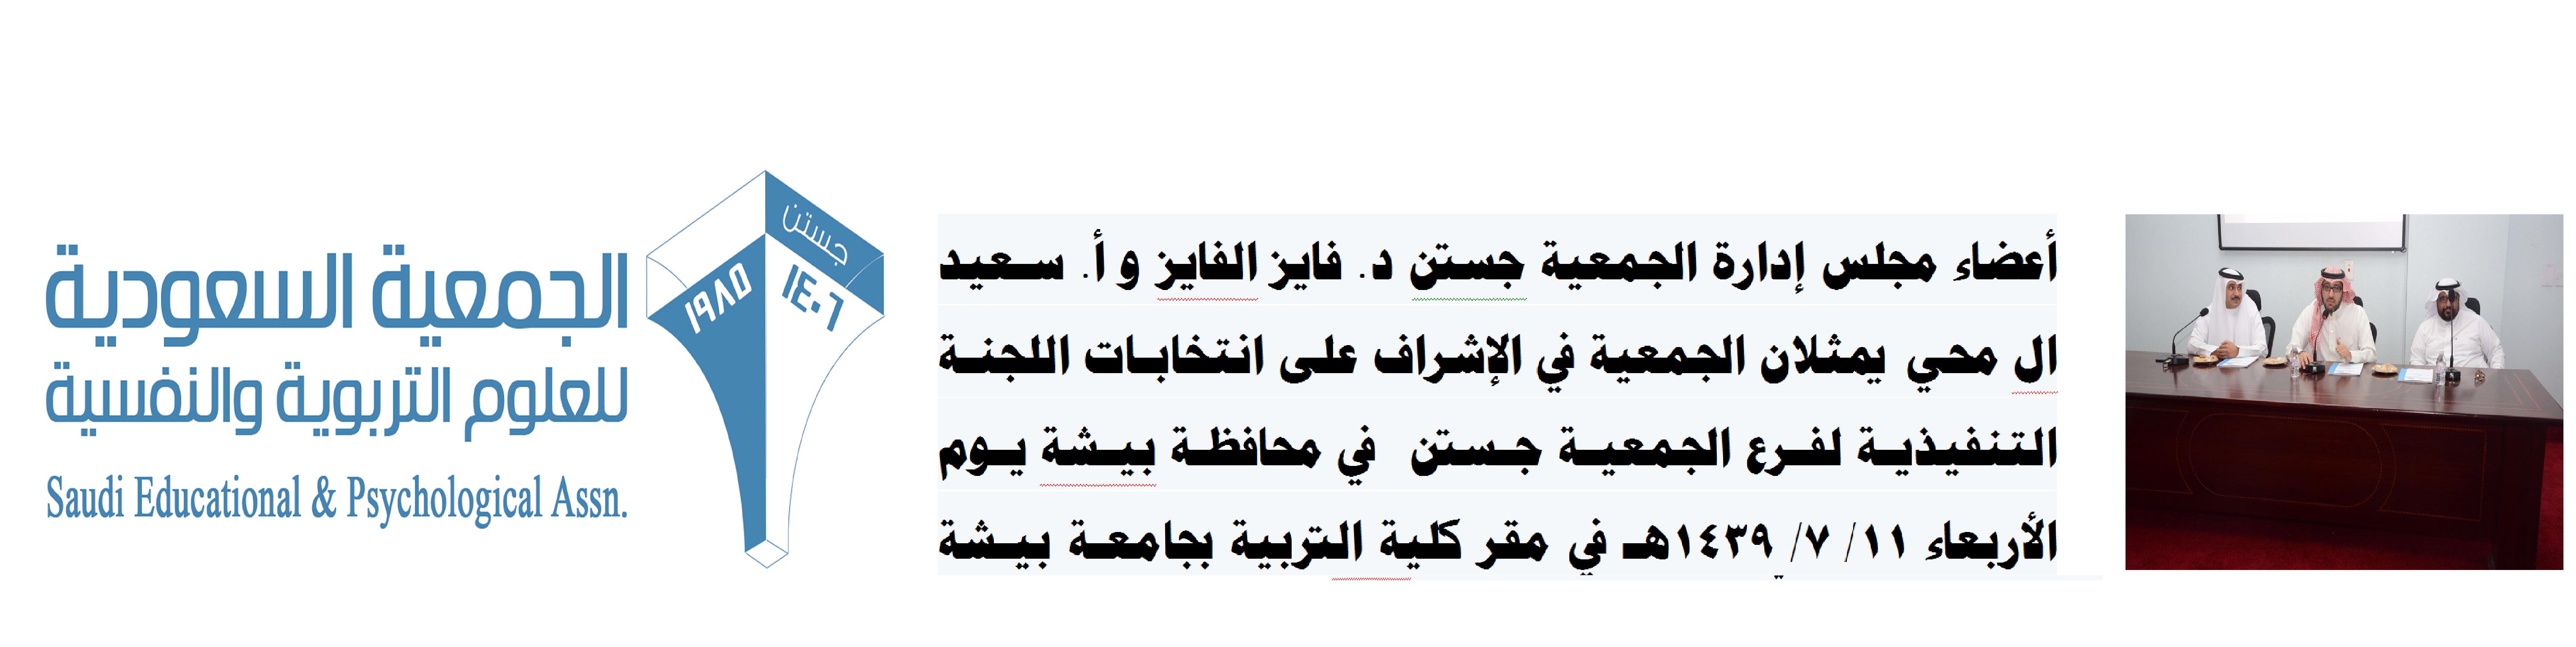 جستن د. فايز الفايز و أ. سعيد... - اللجنة التنفيذية لفرع الجمعية...